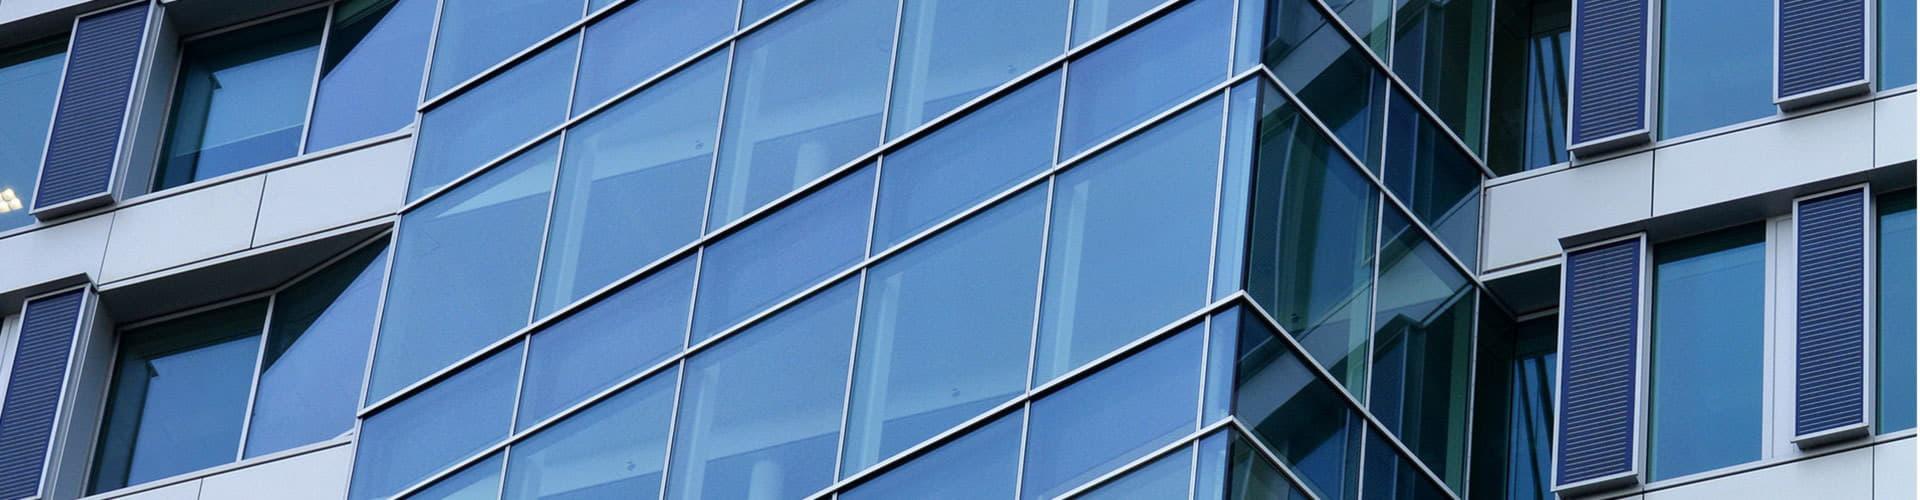 фасадное остекление зданий фото